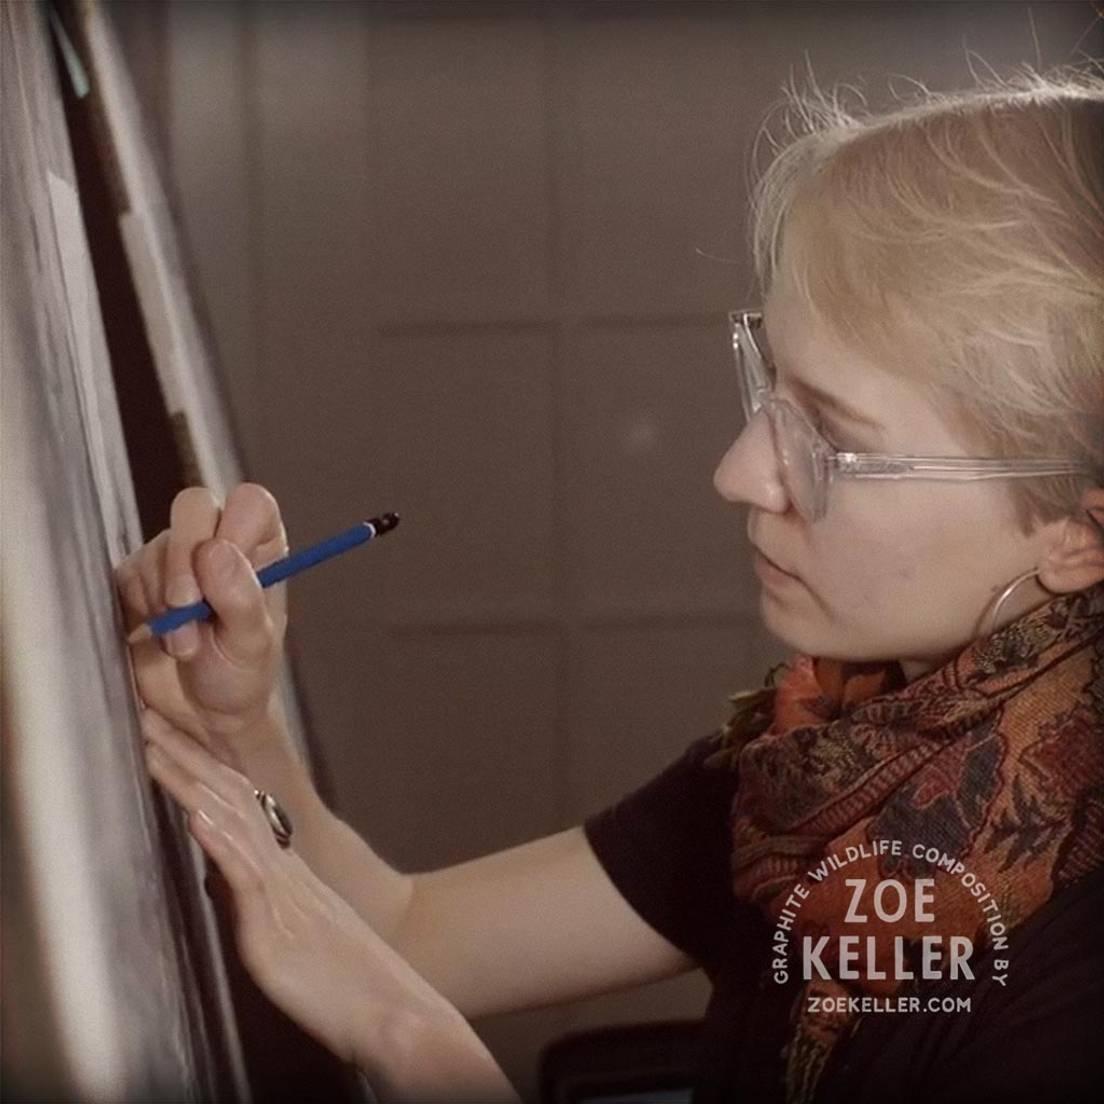 Zoe Keller